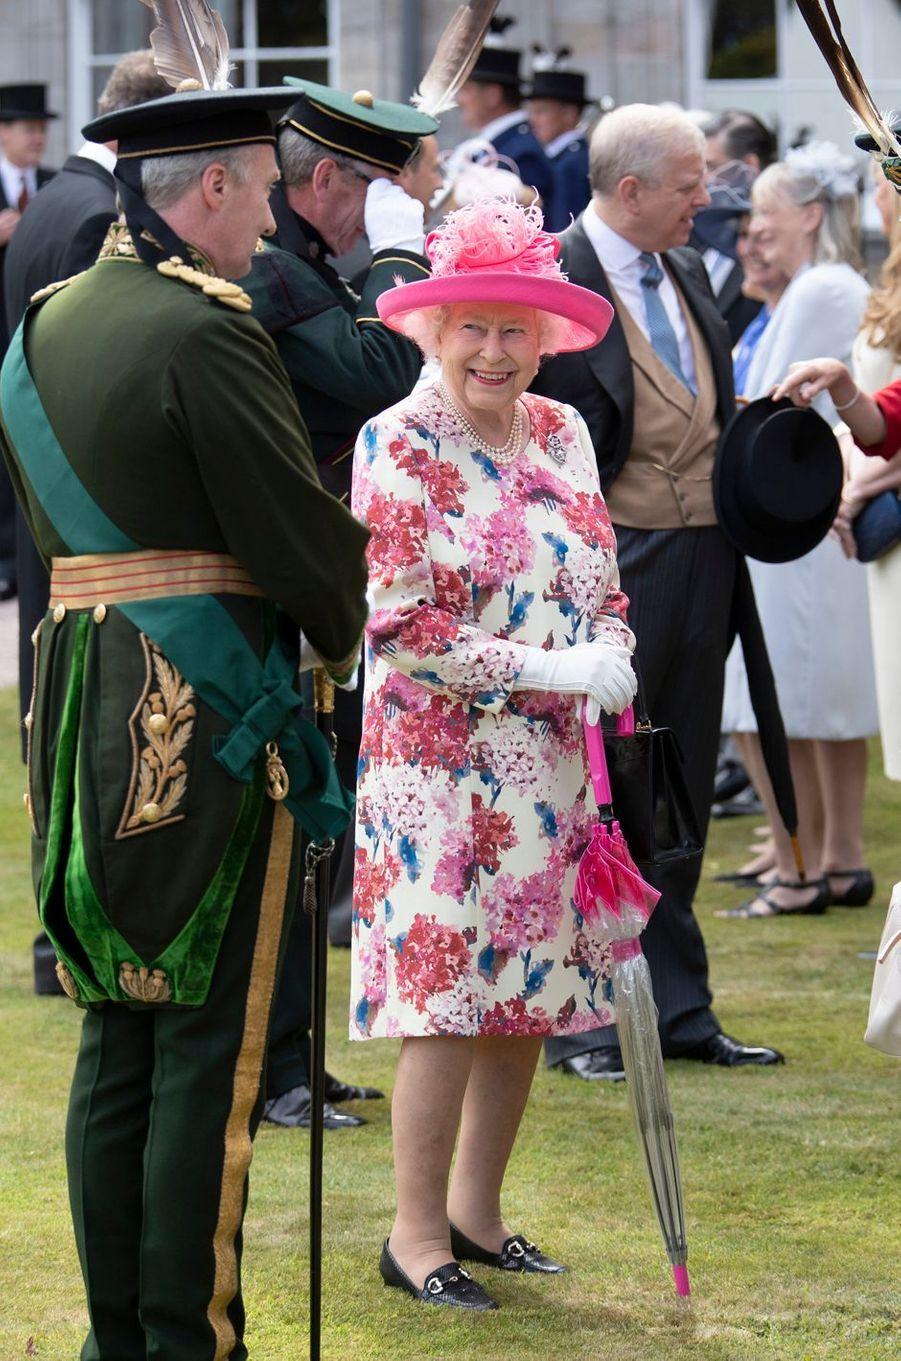 La reine Elizabeth II et son fils le prince Andrew à Edimbourg, le 4 juillet 2018à Edimbourg, le 4 juillet 2018